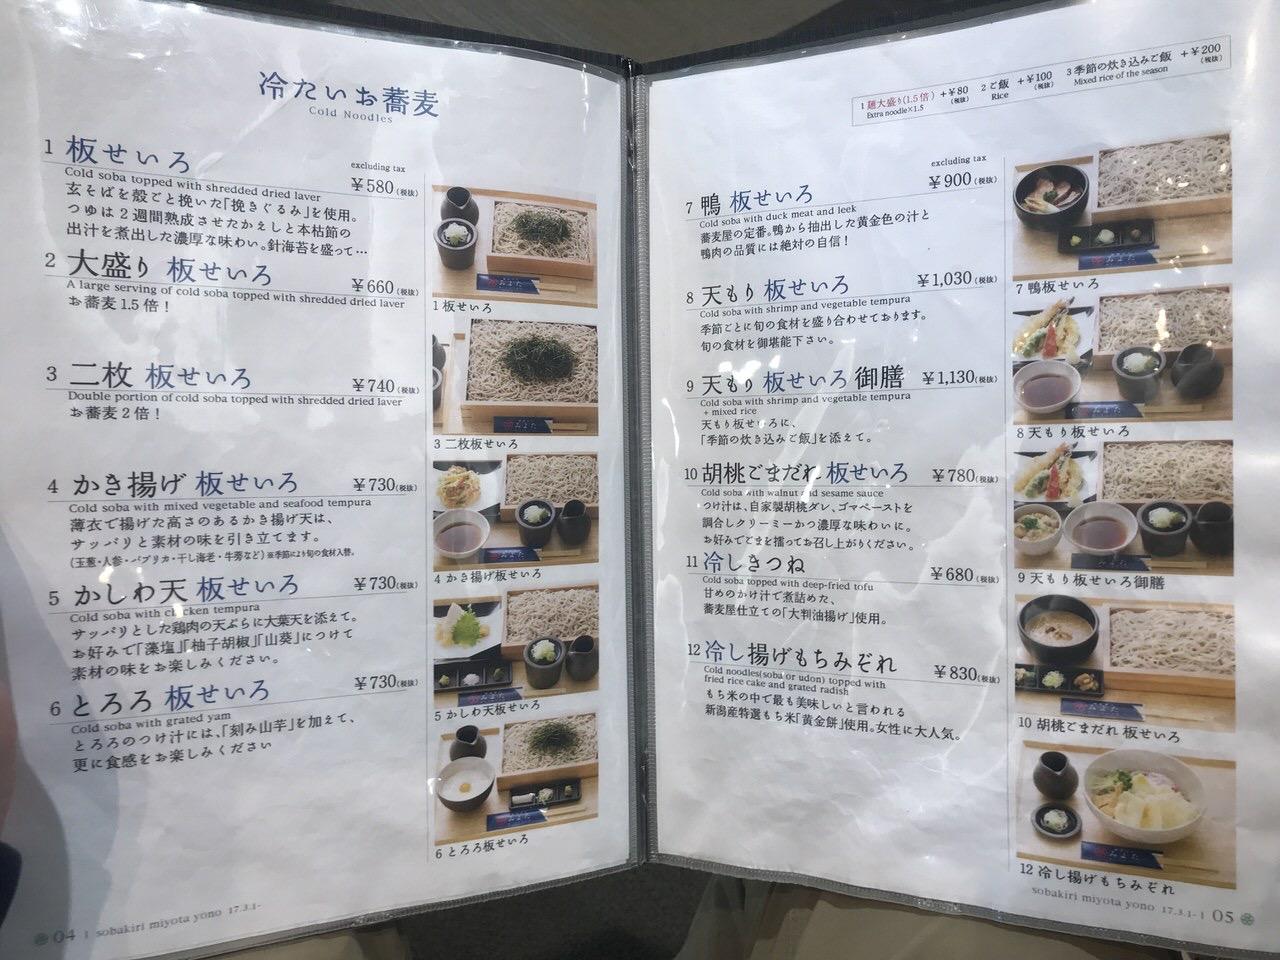 蕎麦きり みよた イオンモール与野店 4